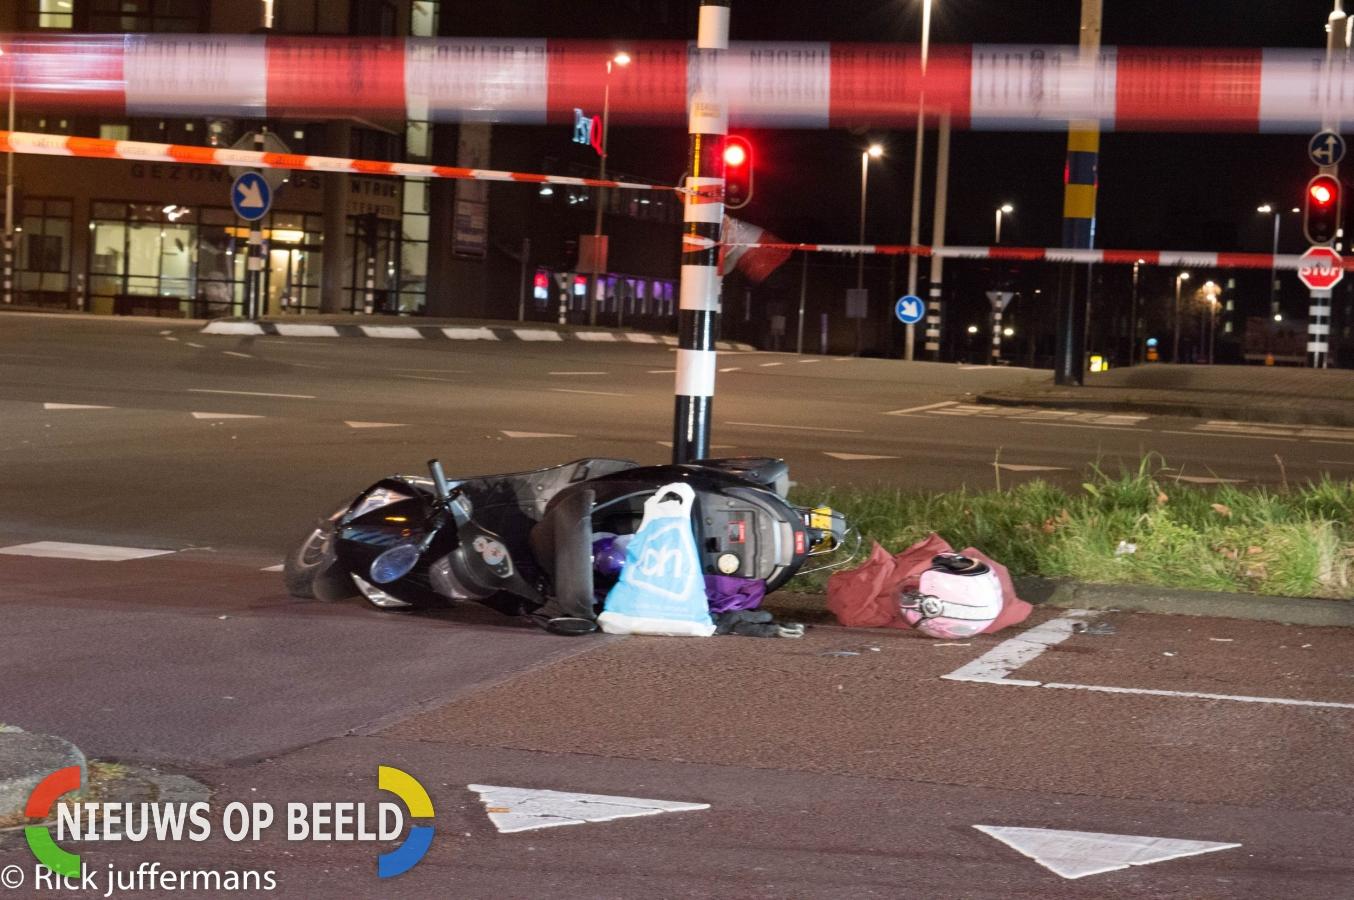 Aanrijding tussen twéé scooters op de Europaweg in Zoetermeer